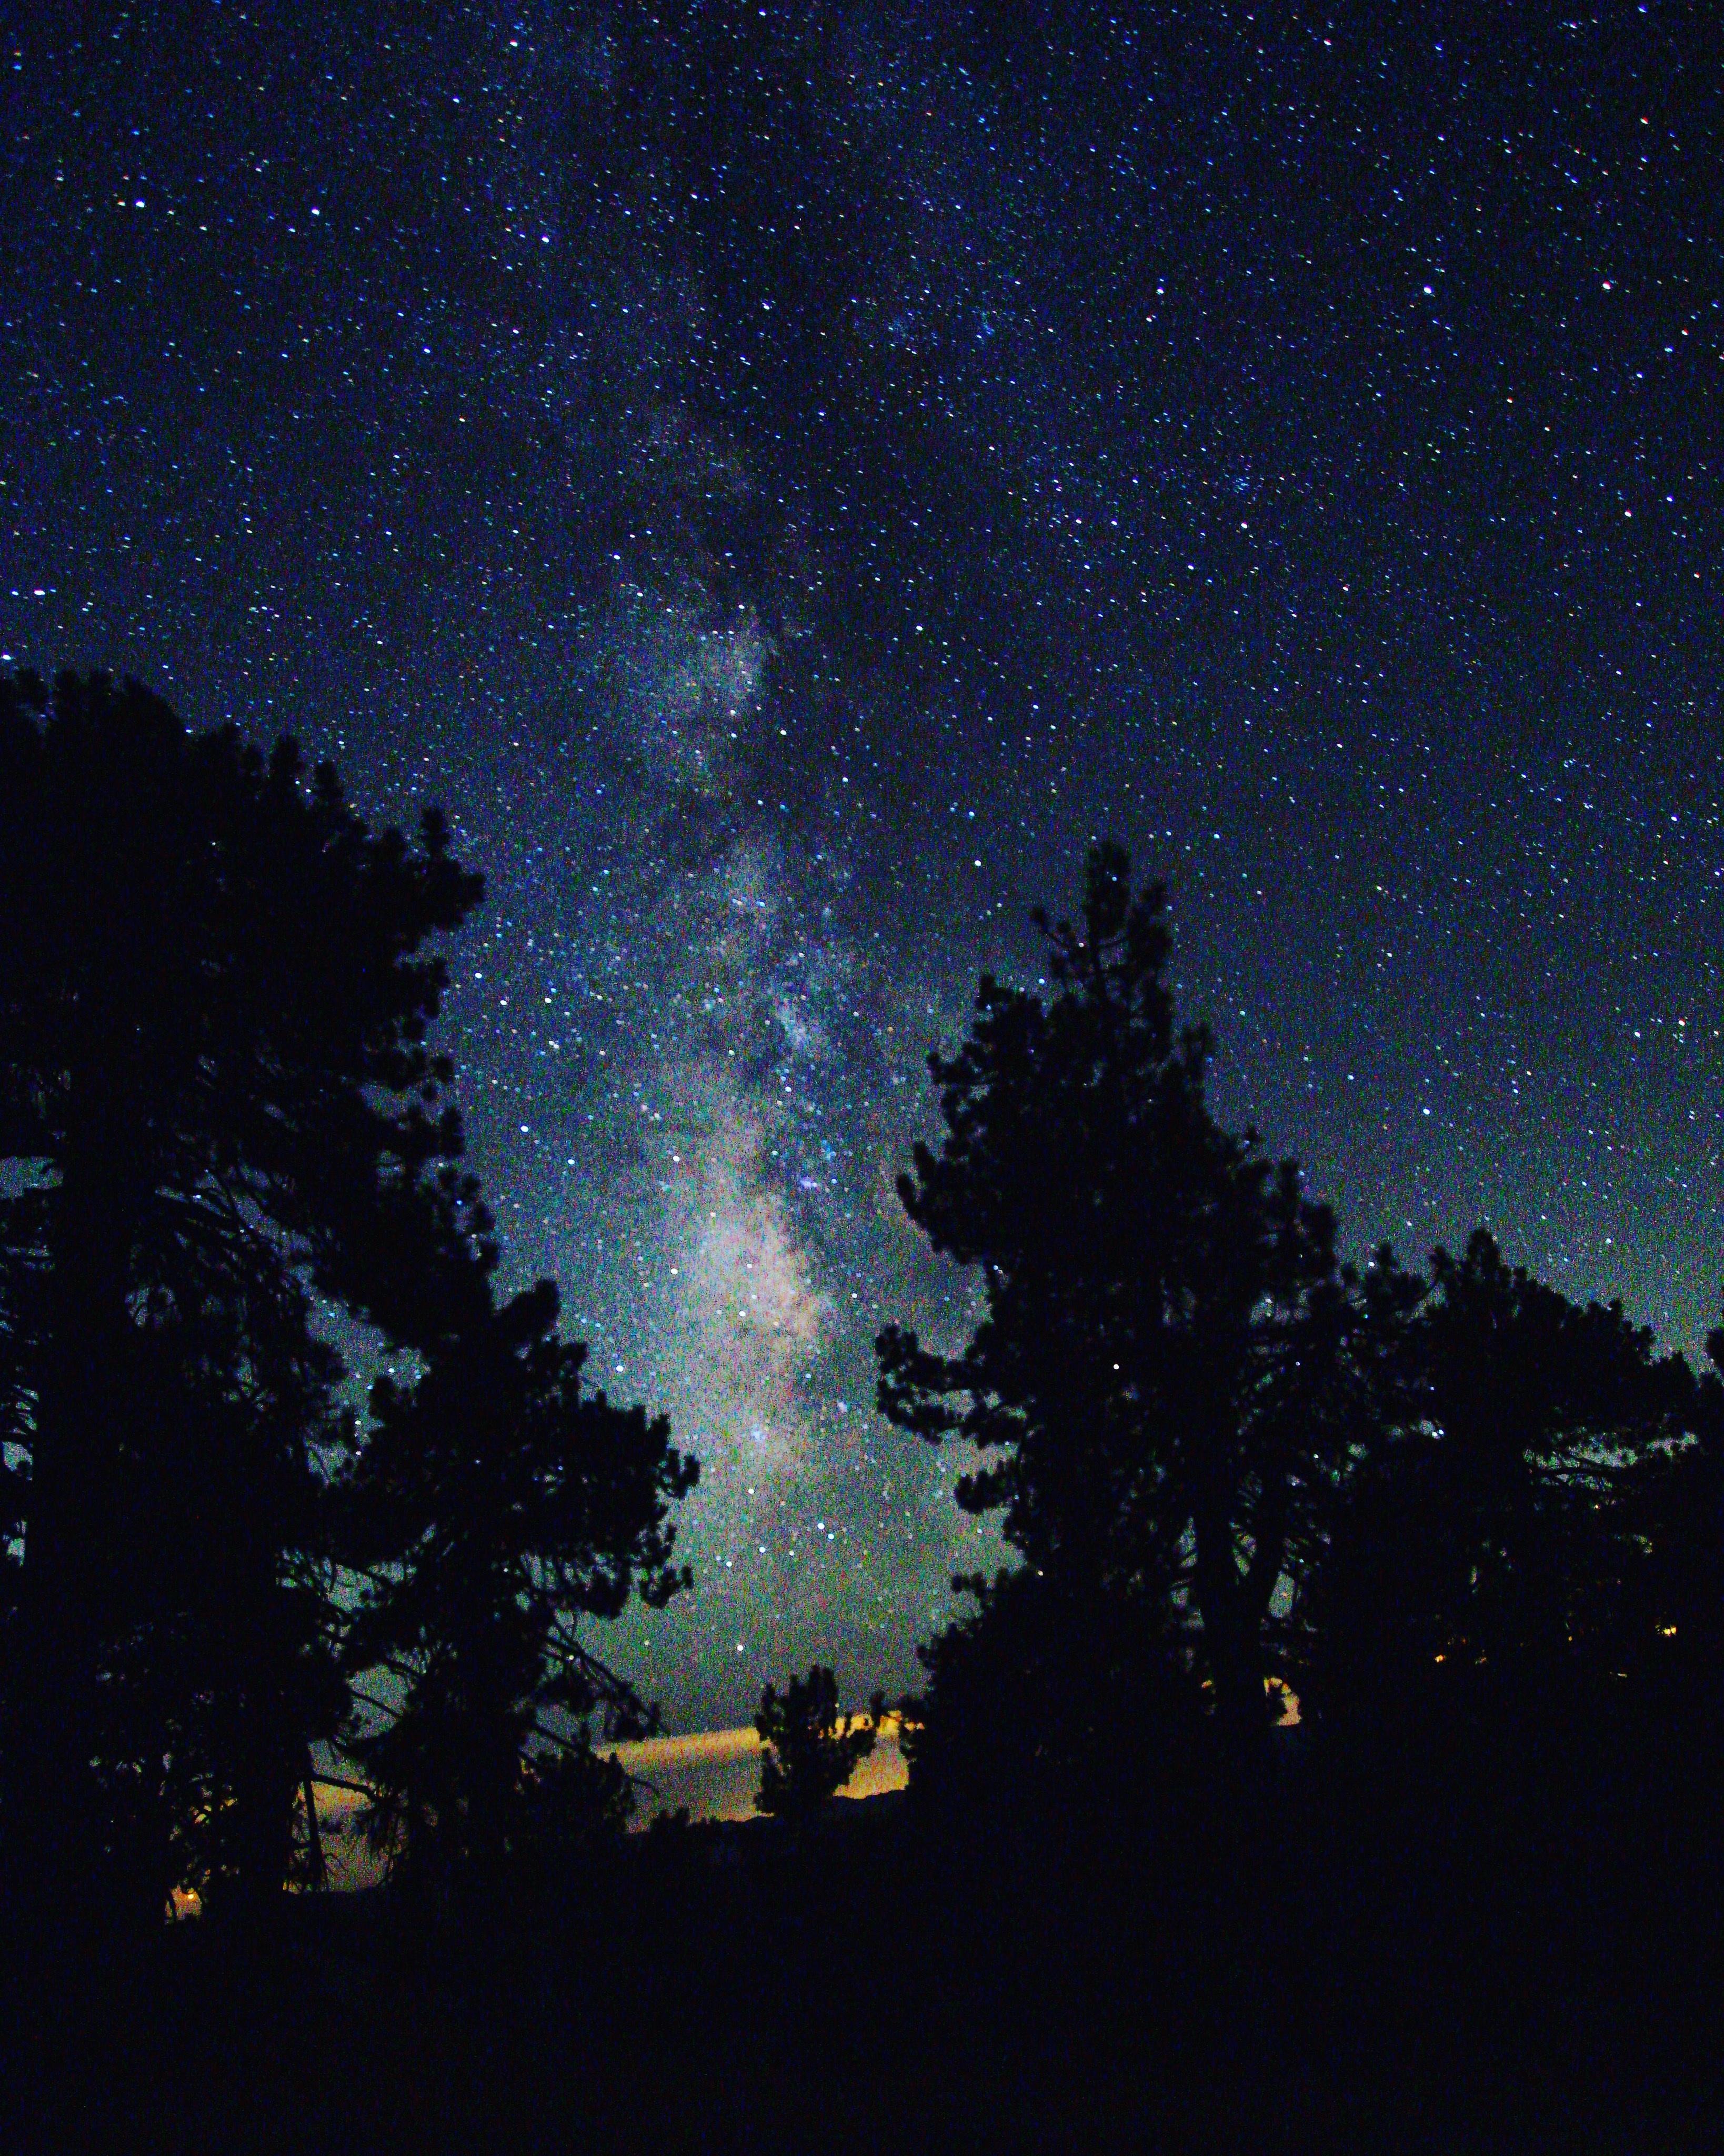 Картинки неба со звездами ночью